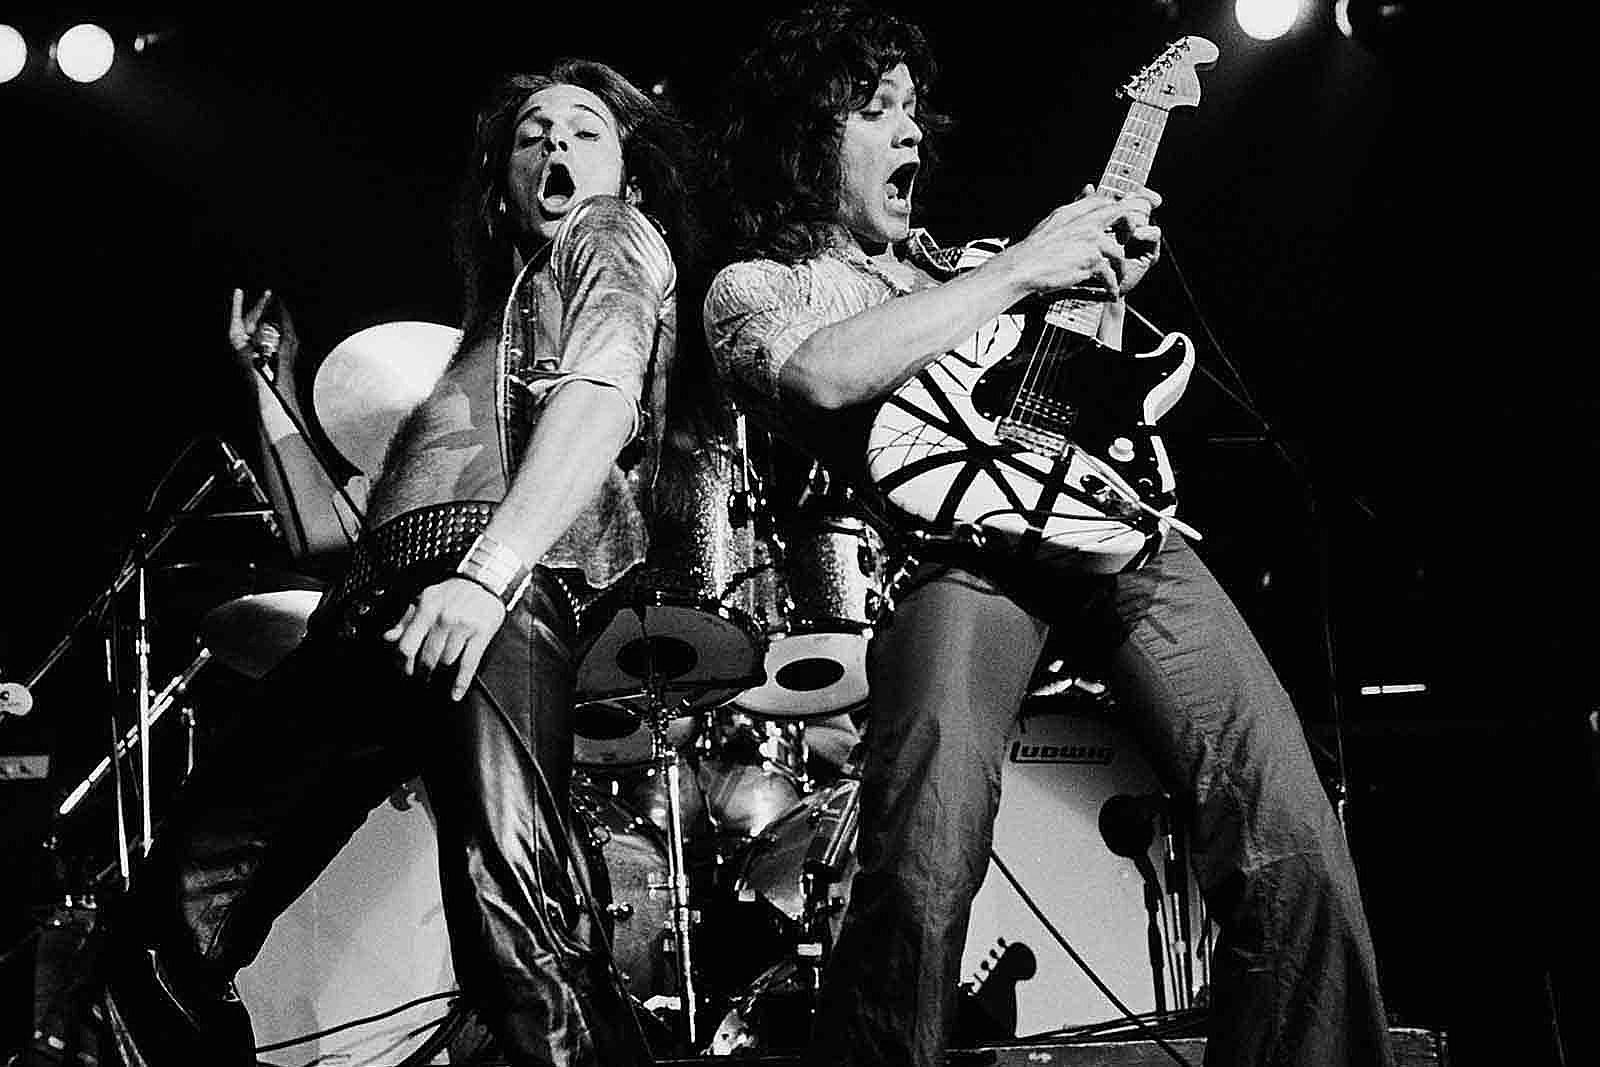 David Lee Roth Releases New Song Dedicated to Eddie Van Halen